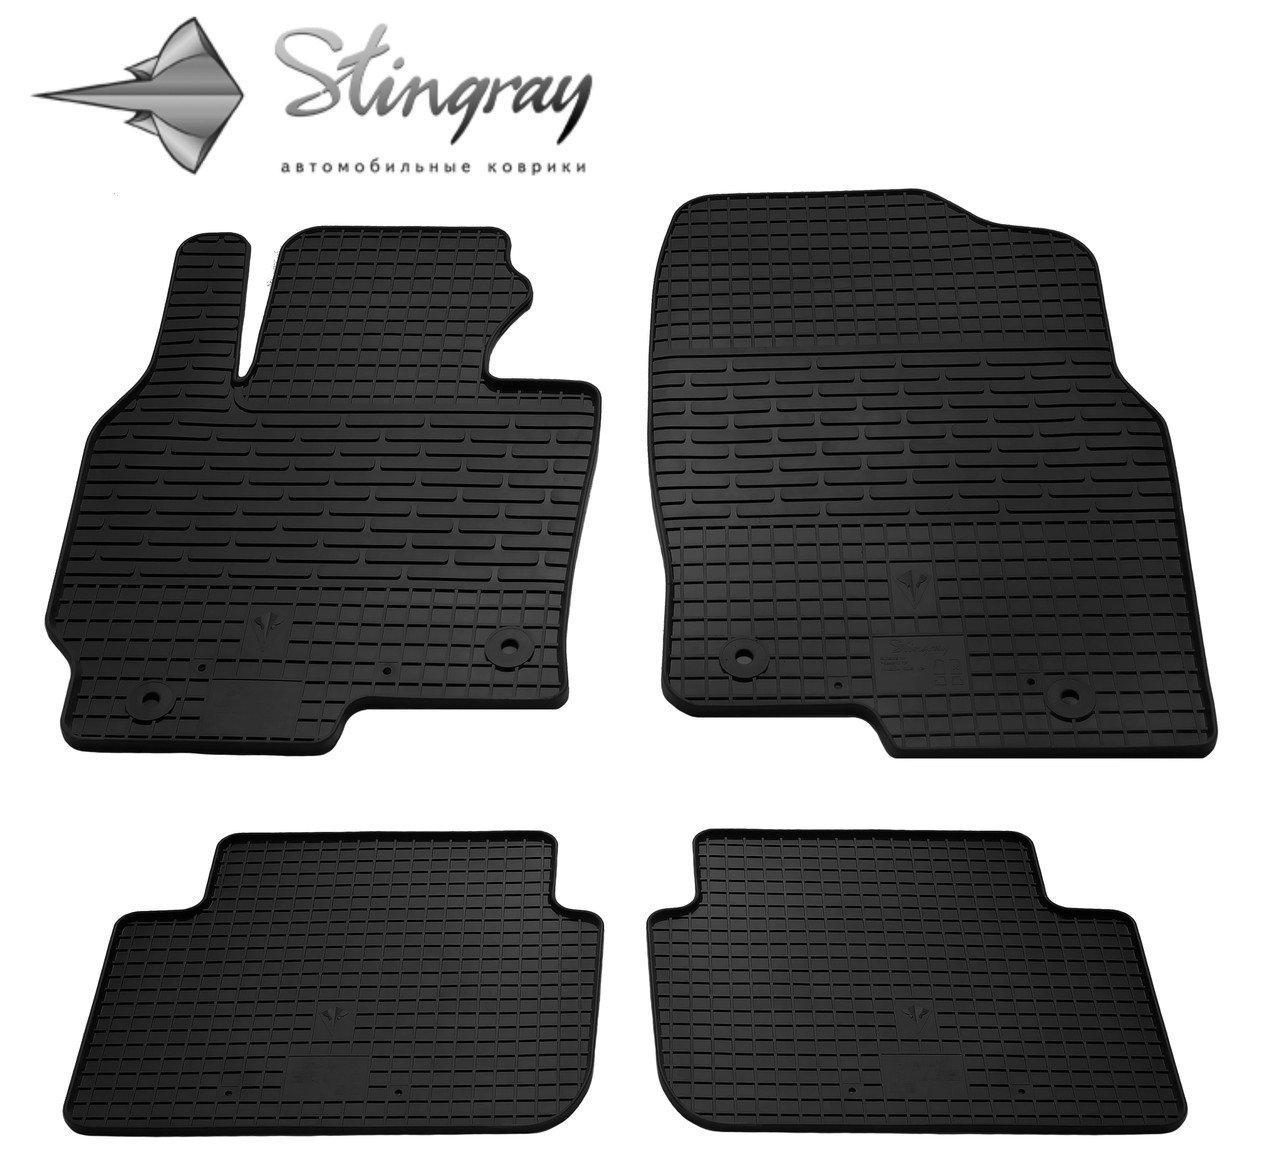 Автомобильные коврики для Mazda CX-5 2011-2017 Stingray